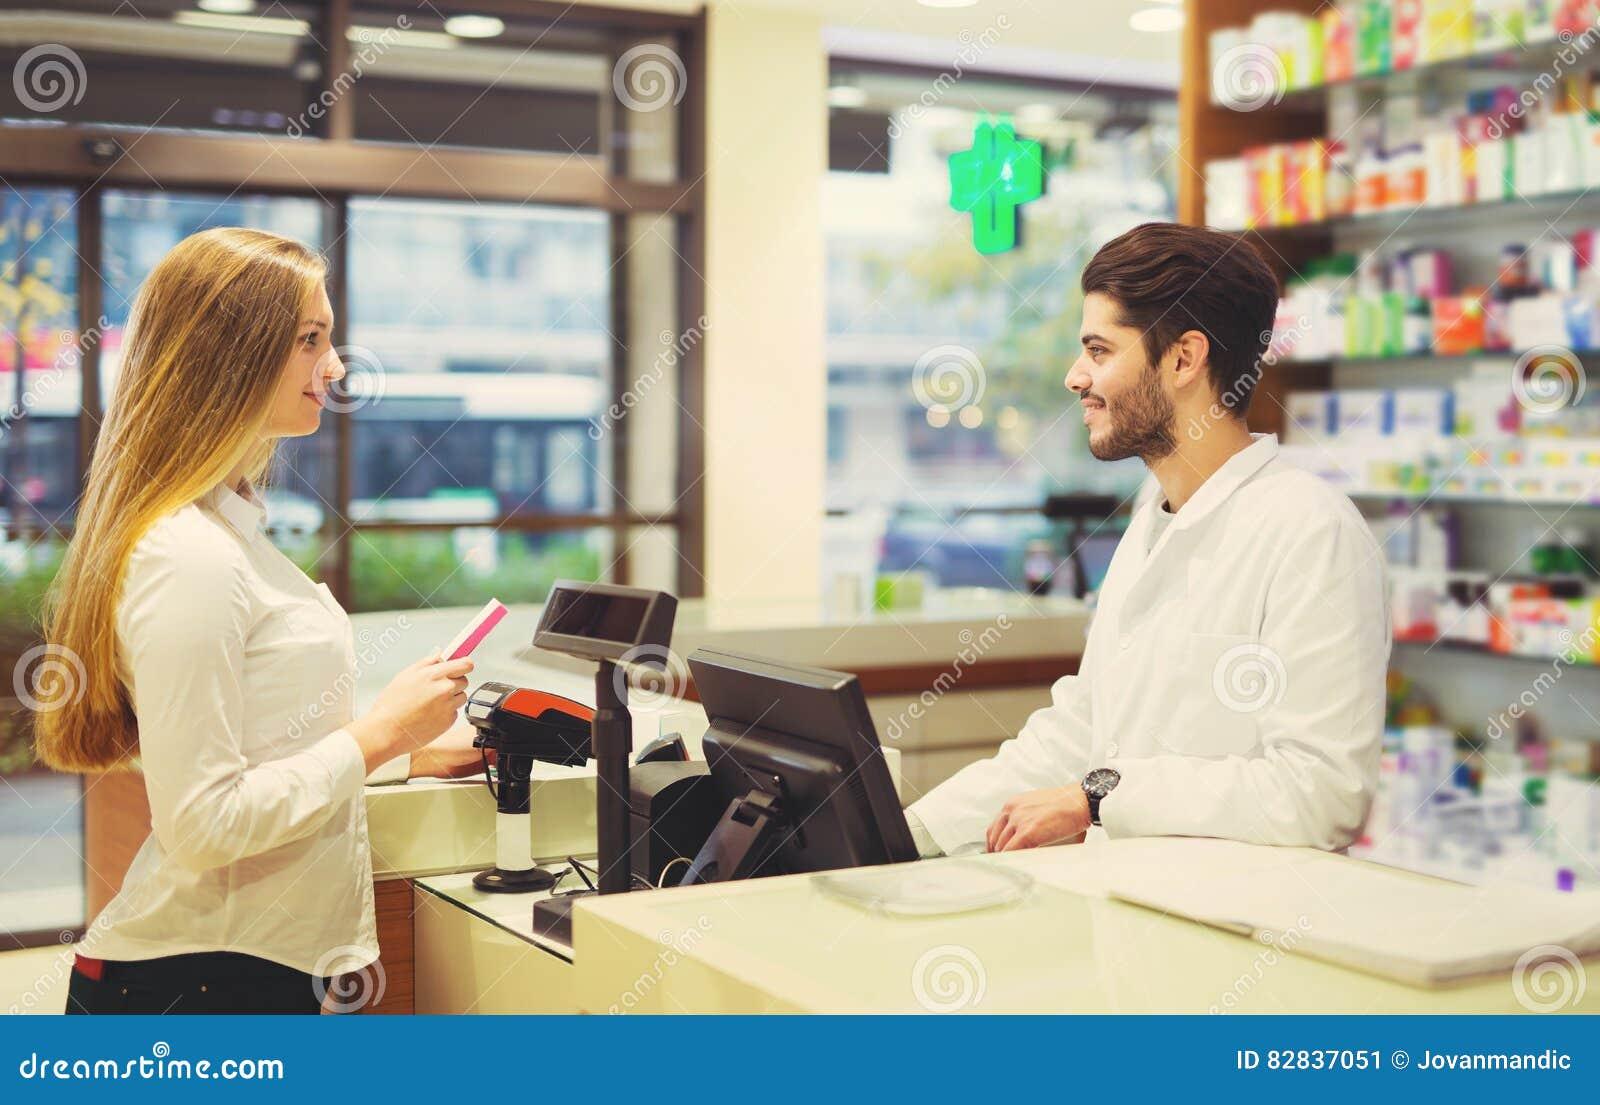 建议老练的药剂师药房的女性顾客